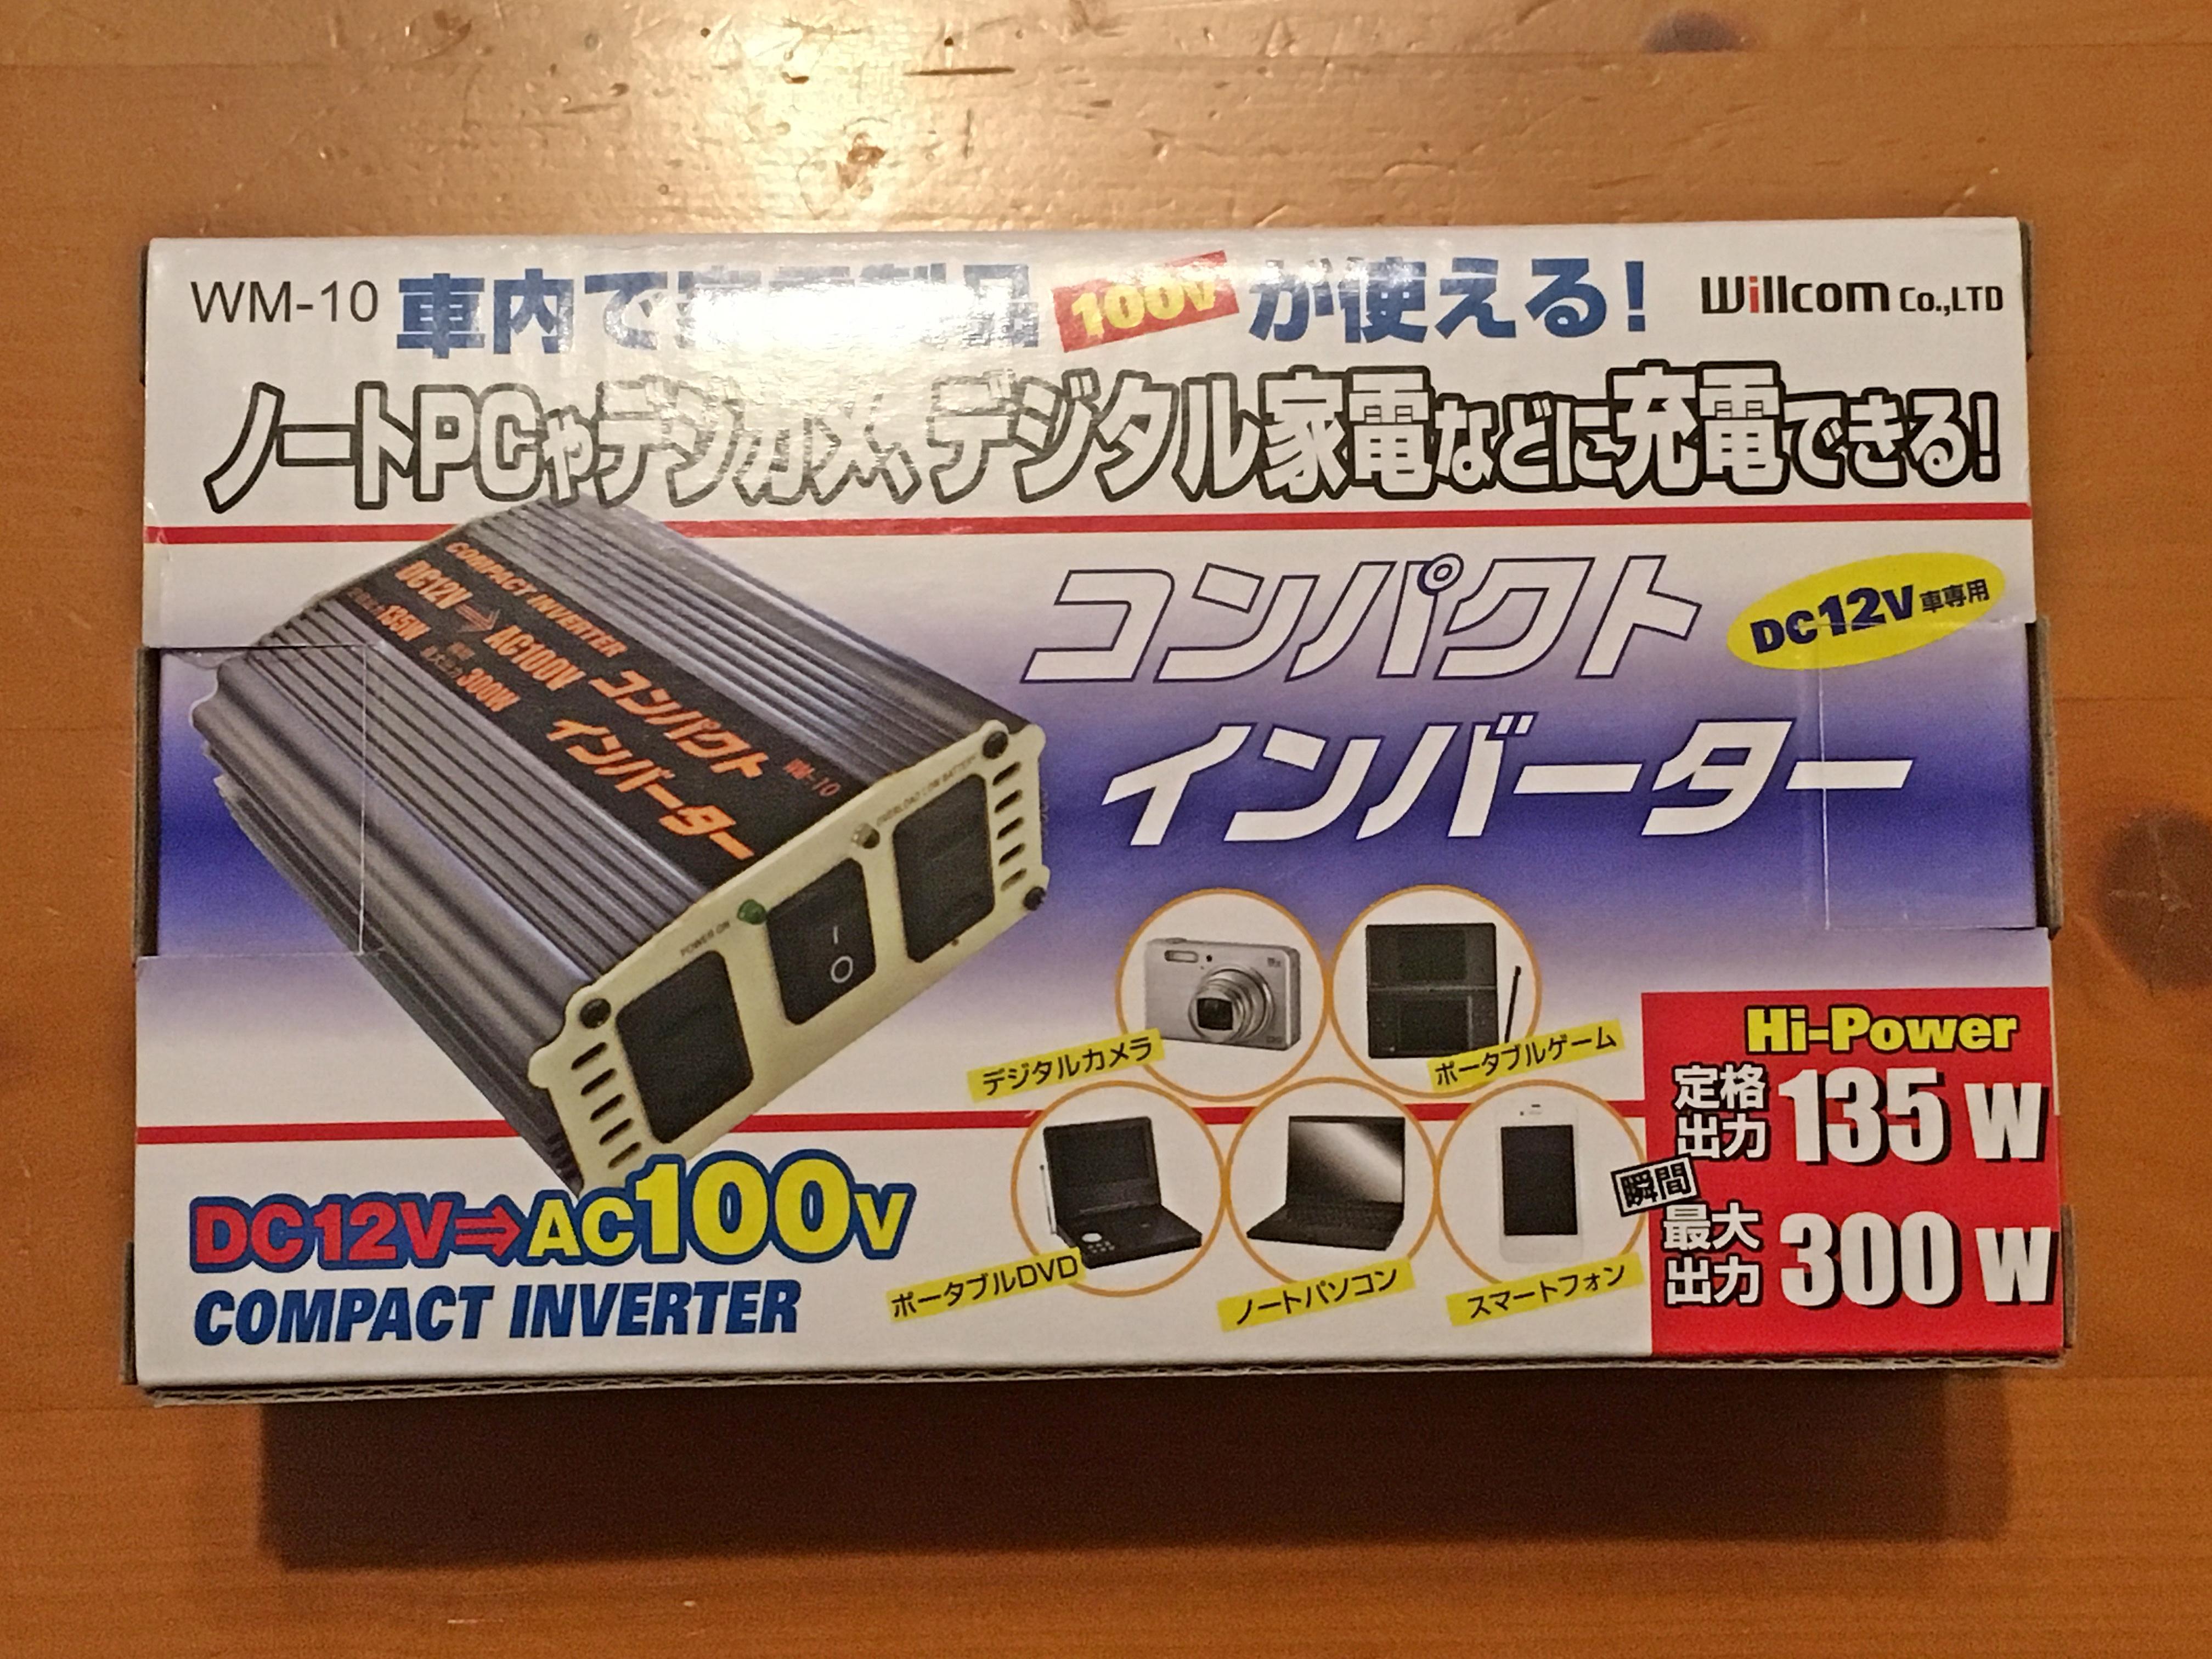 コンパクトインバーター 外箱.JPG